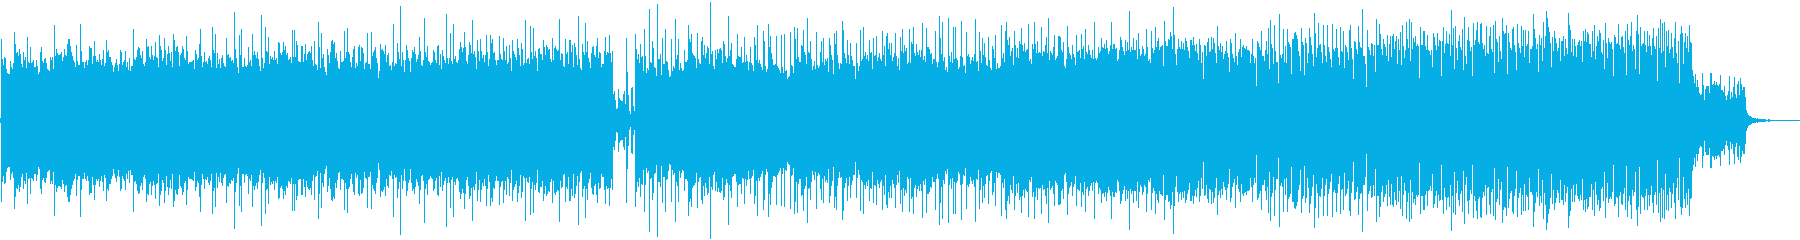 Chill Music 三拍子の揺らぎの再生済みの波形